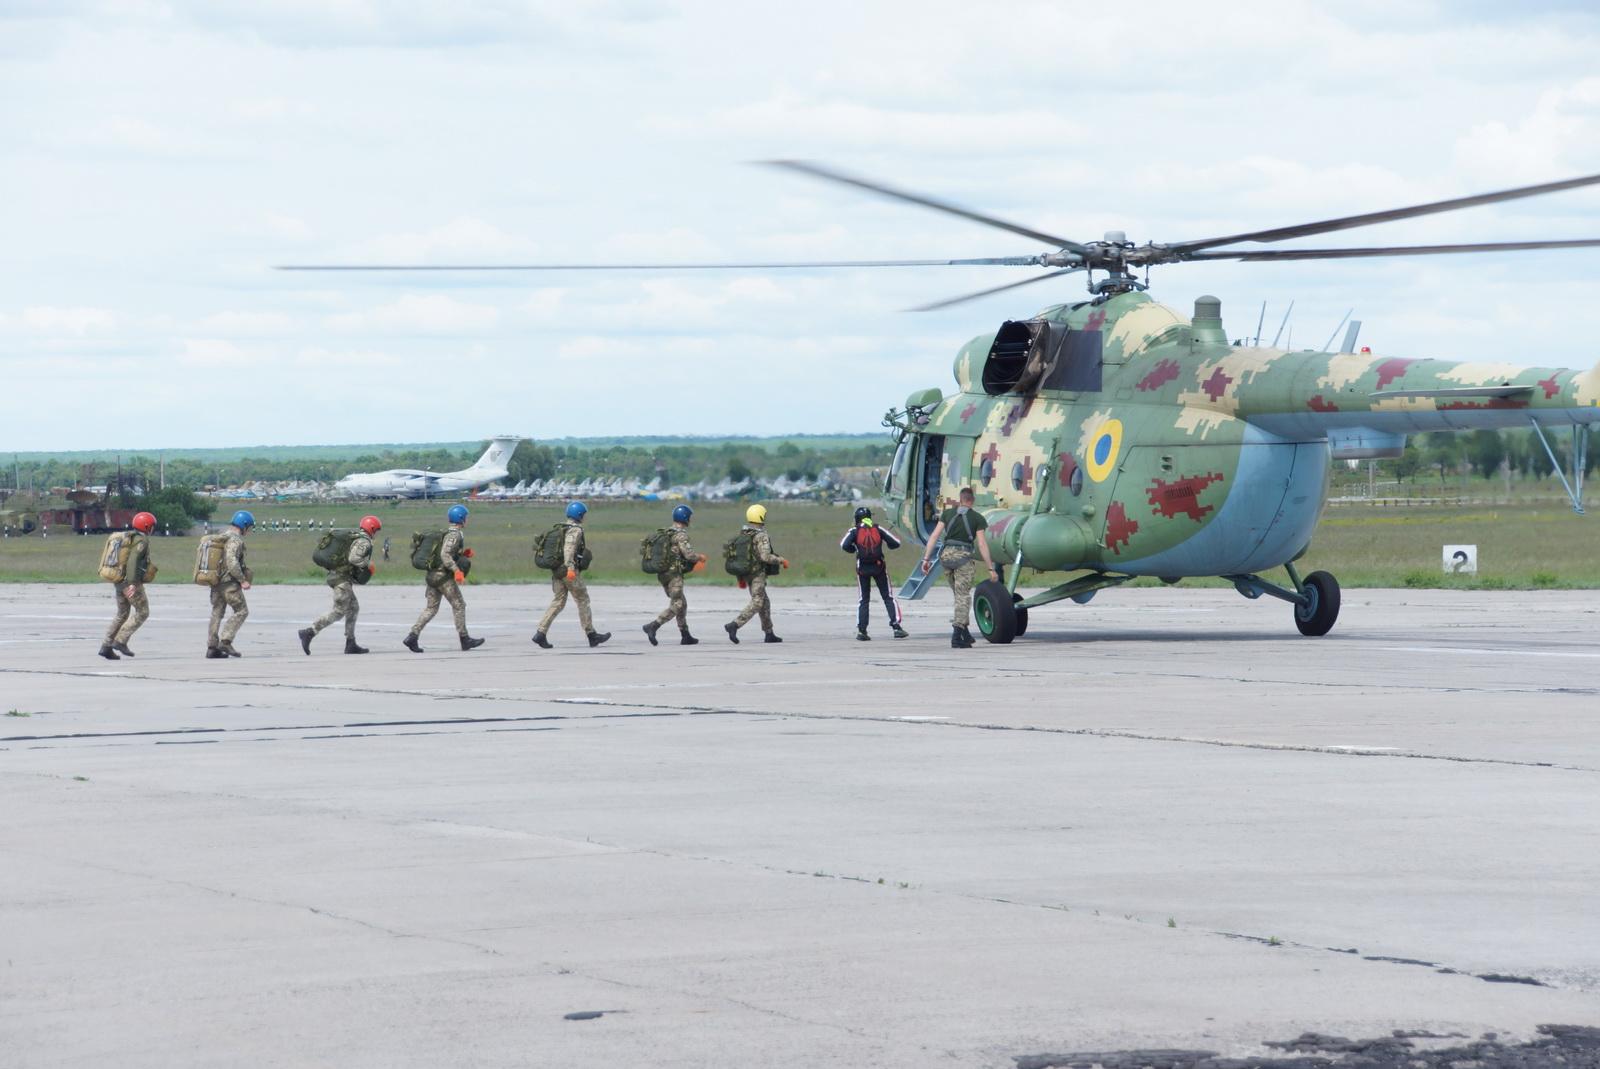 Разом з генералом — начальником університету — льотчики-першокурсники виконали свій перший стрибок з парашутом